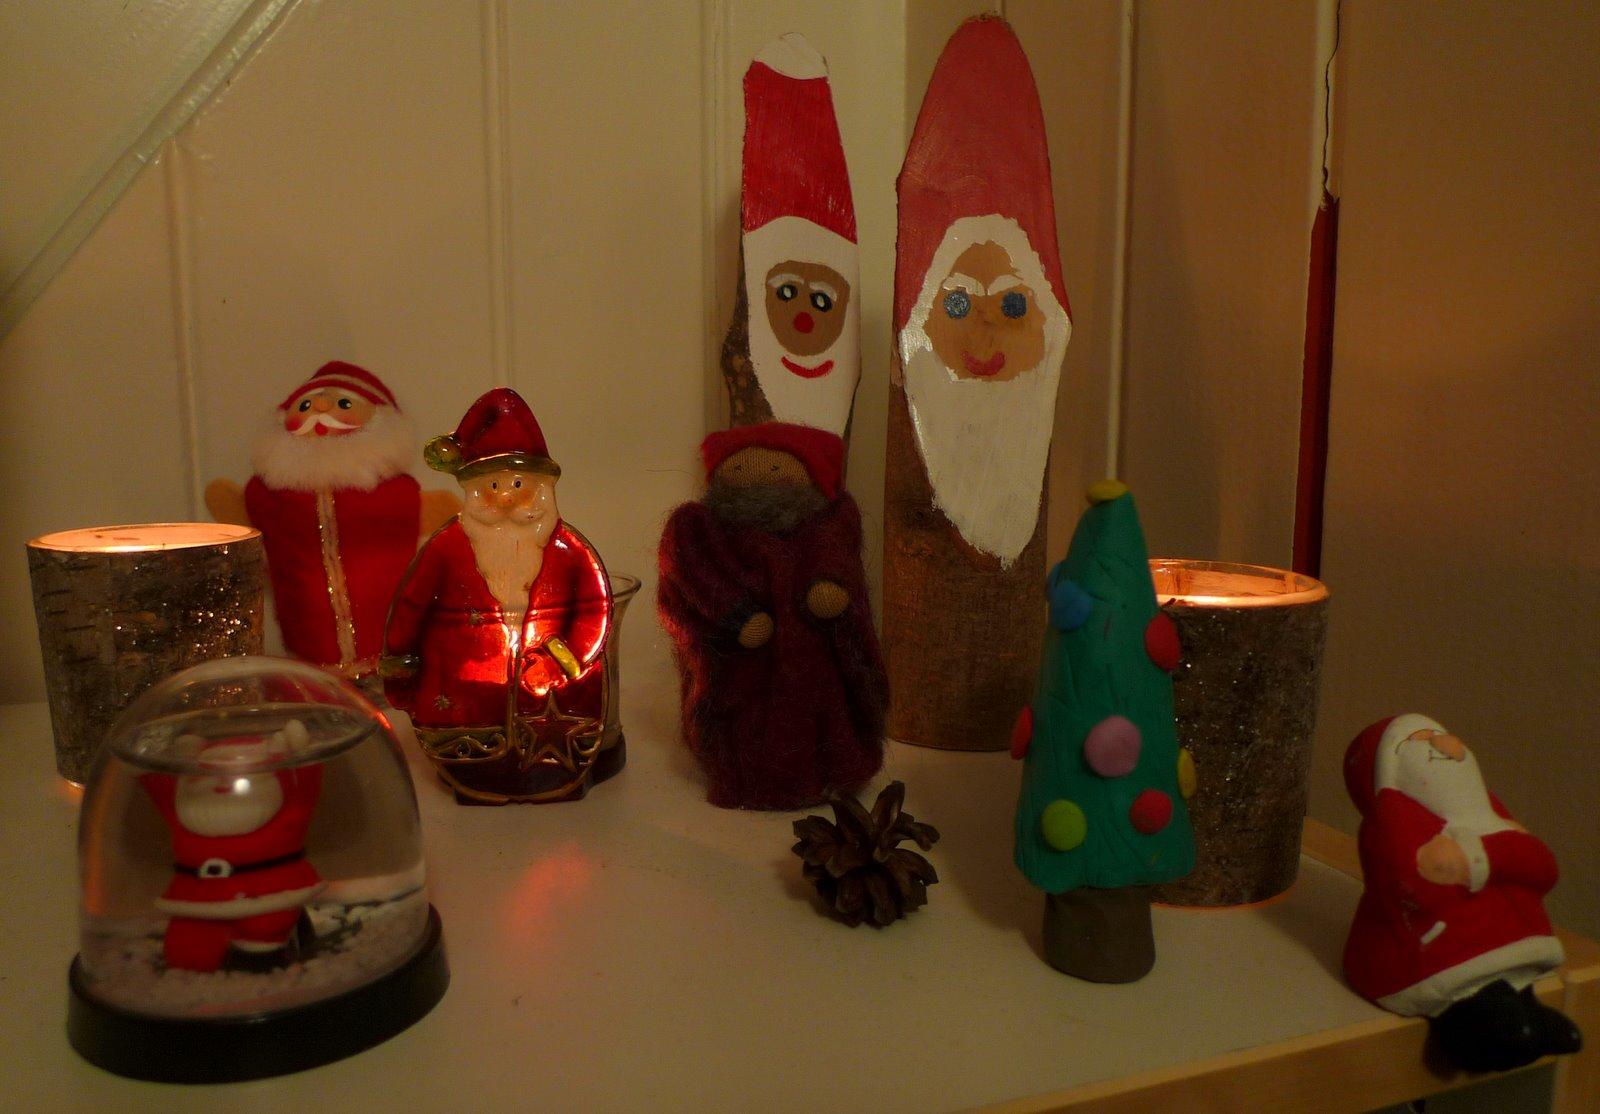 bin im garten weihnachtsbaum geschm ckt. Black Bedroom Furniture Sets. Home Design Ideas